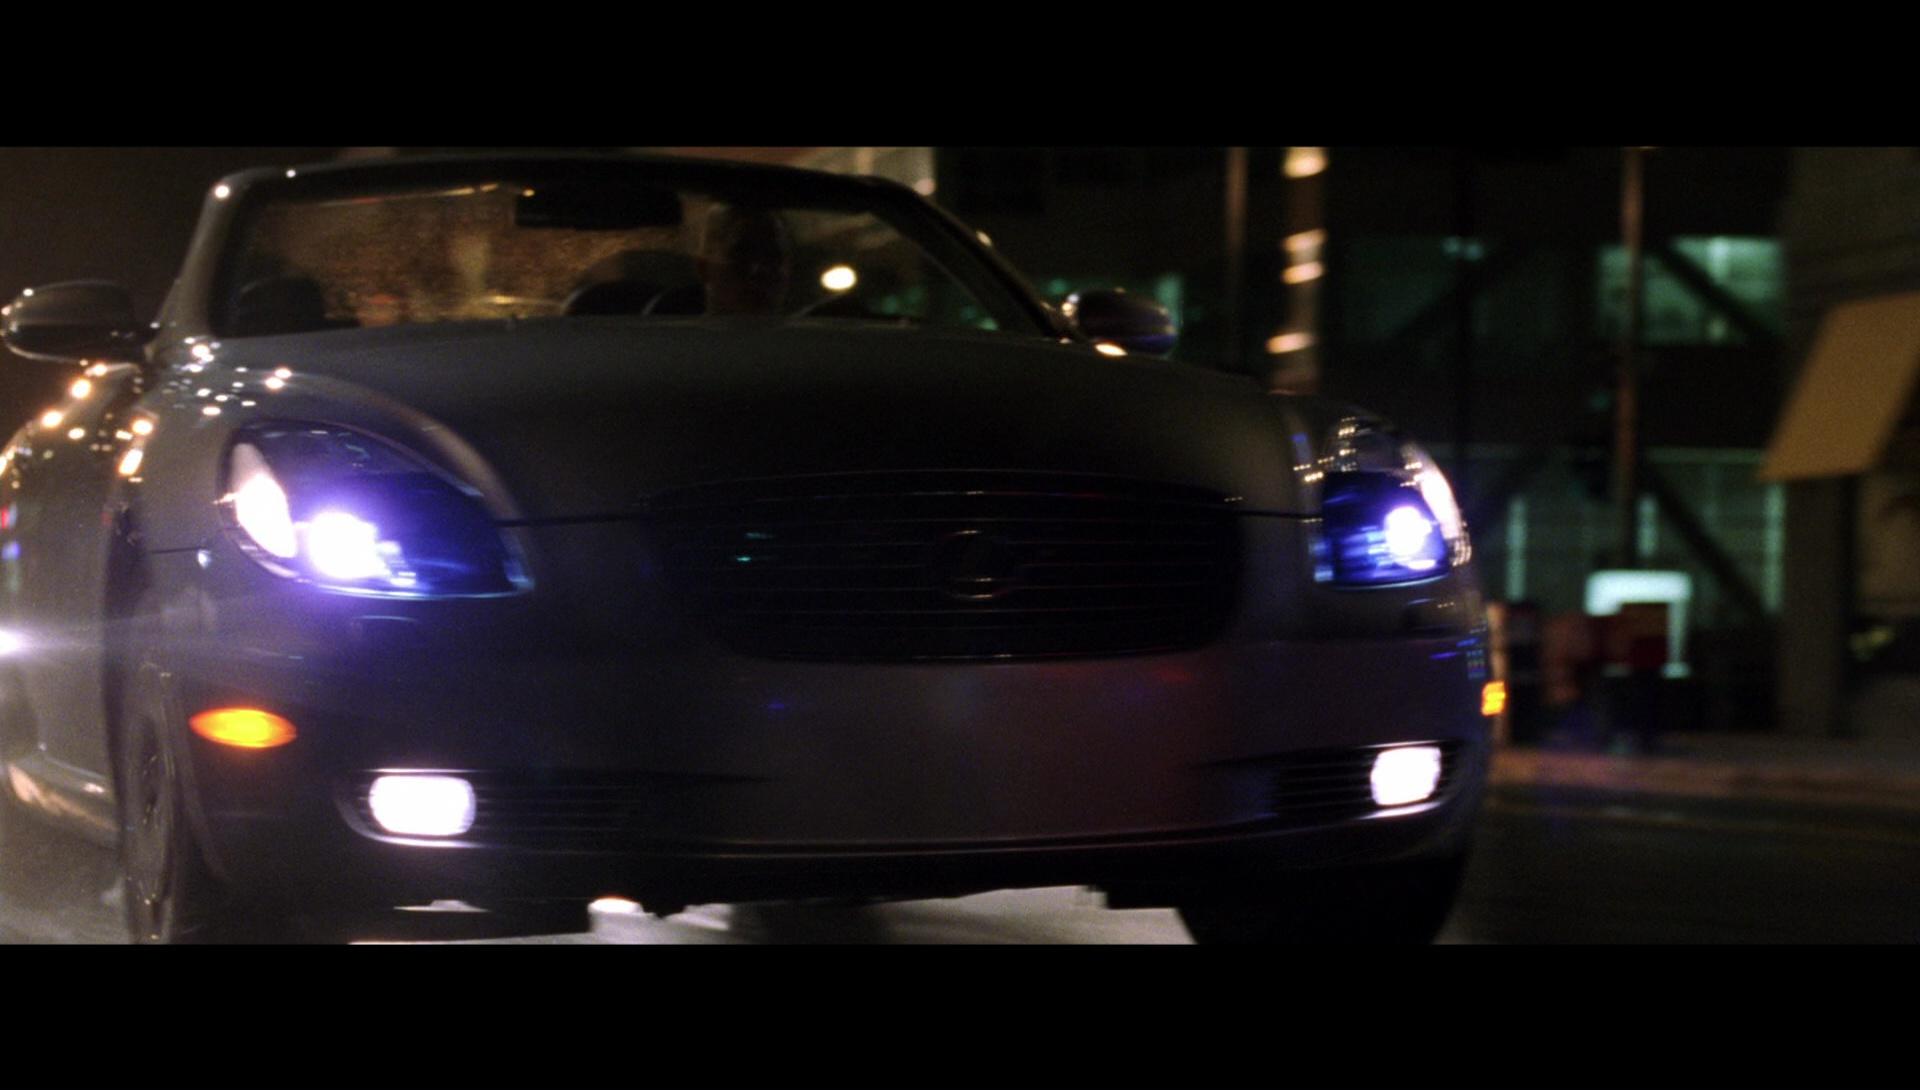 Lexus Sc 430 Car Driven By Kristanna Loken T X In